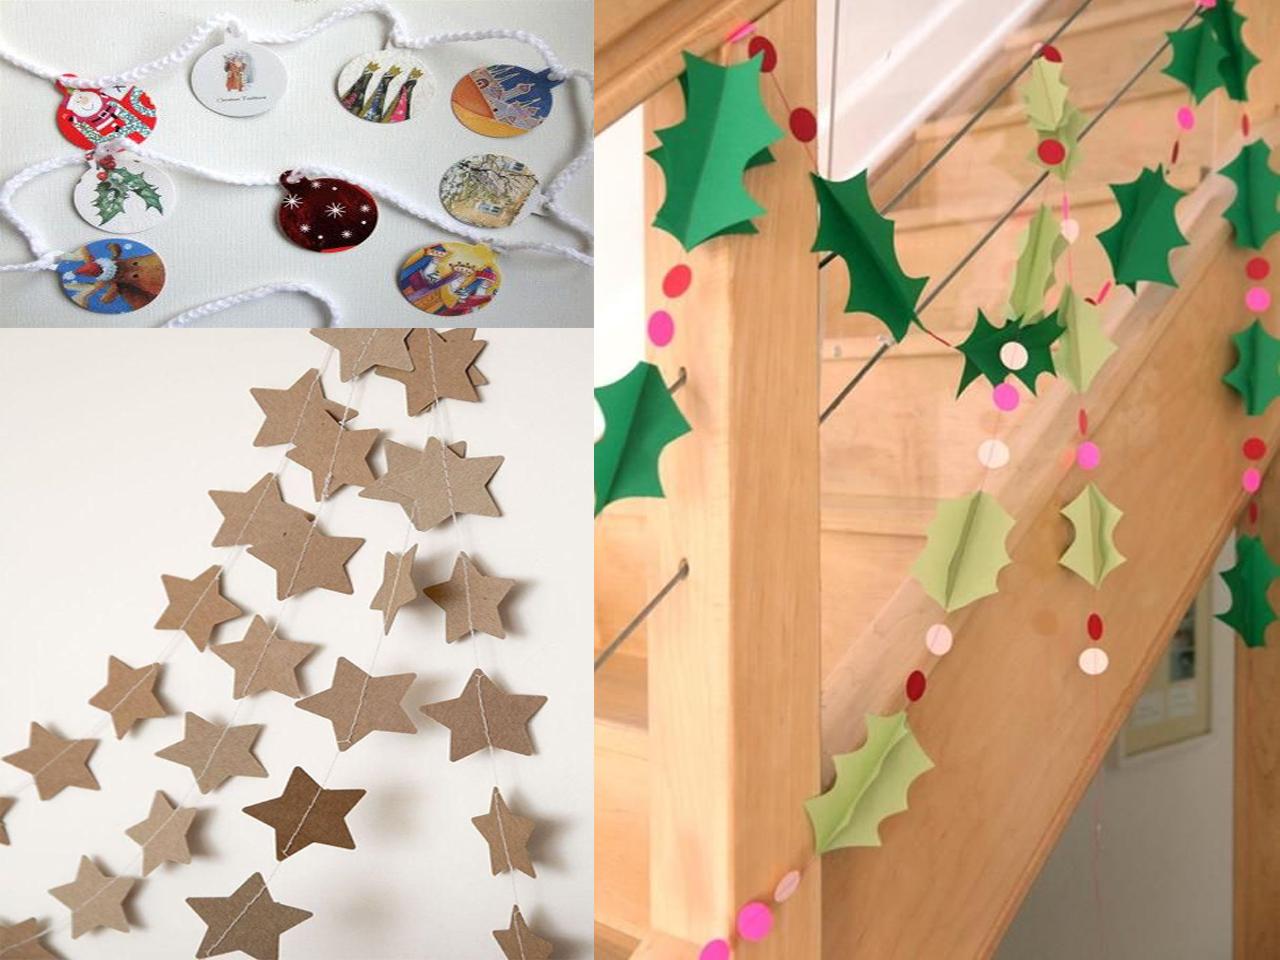 Decoraci n navide a manualidades - Blog de manualidades y decoracion ...